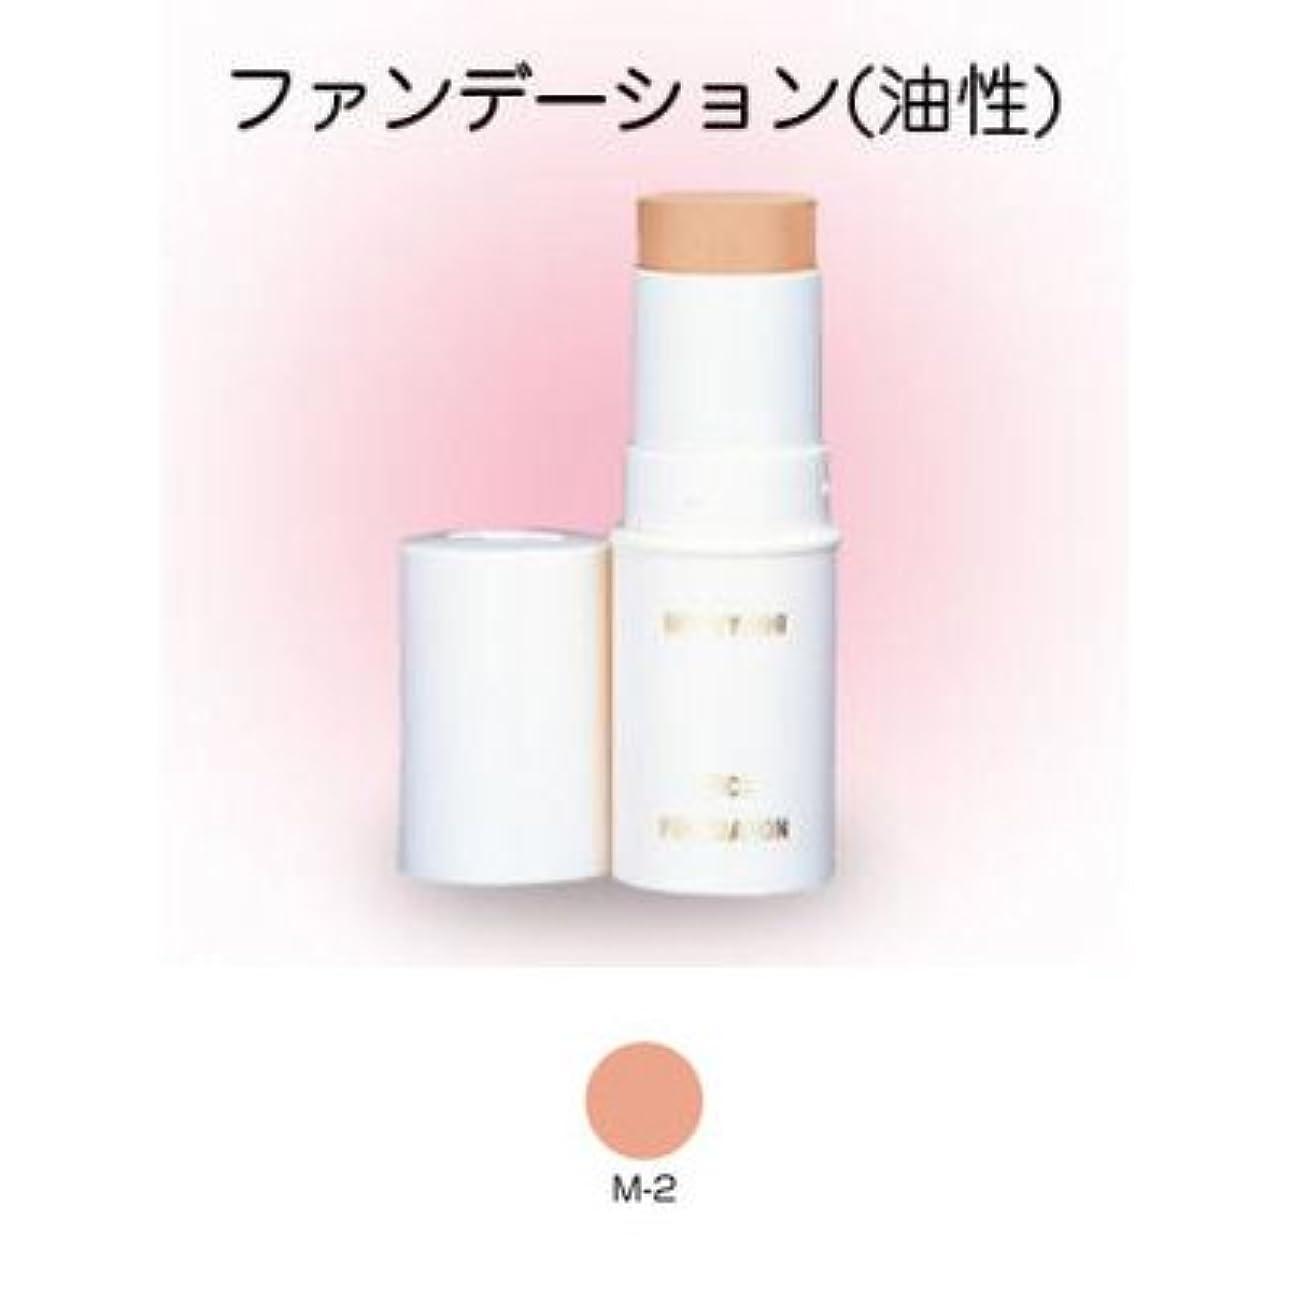 スティックファンデーション 16g M-2 【三善】